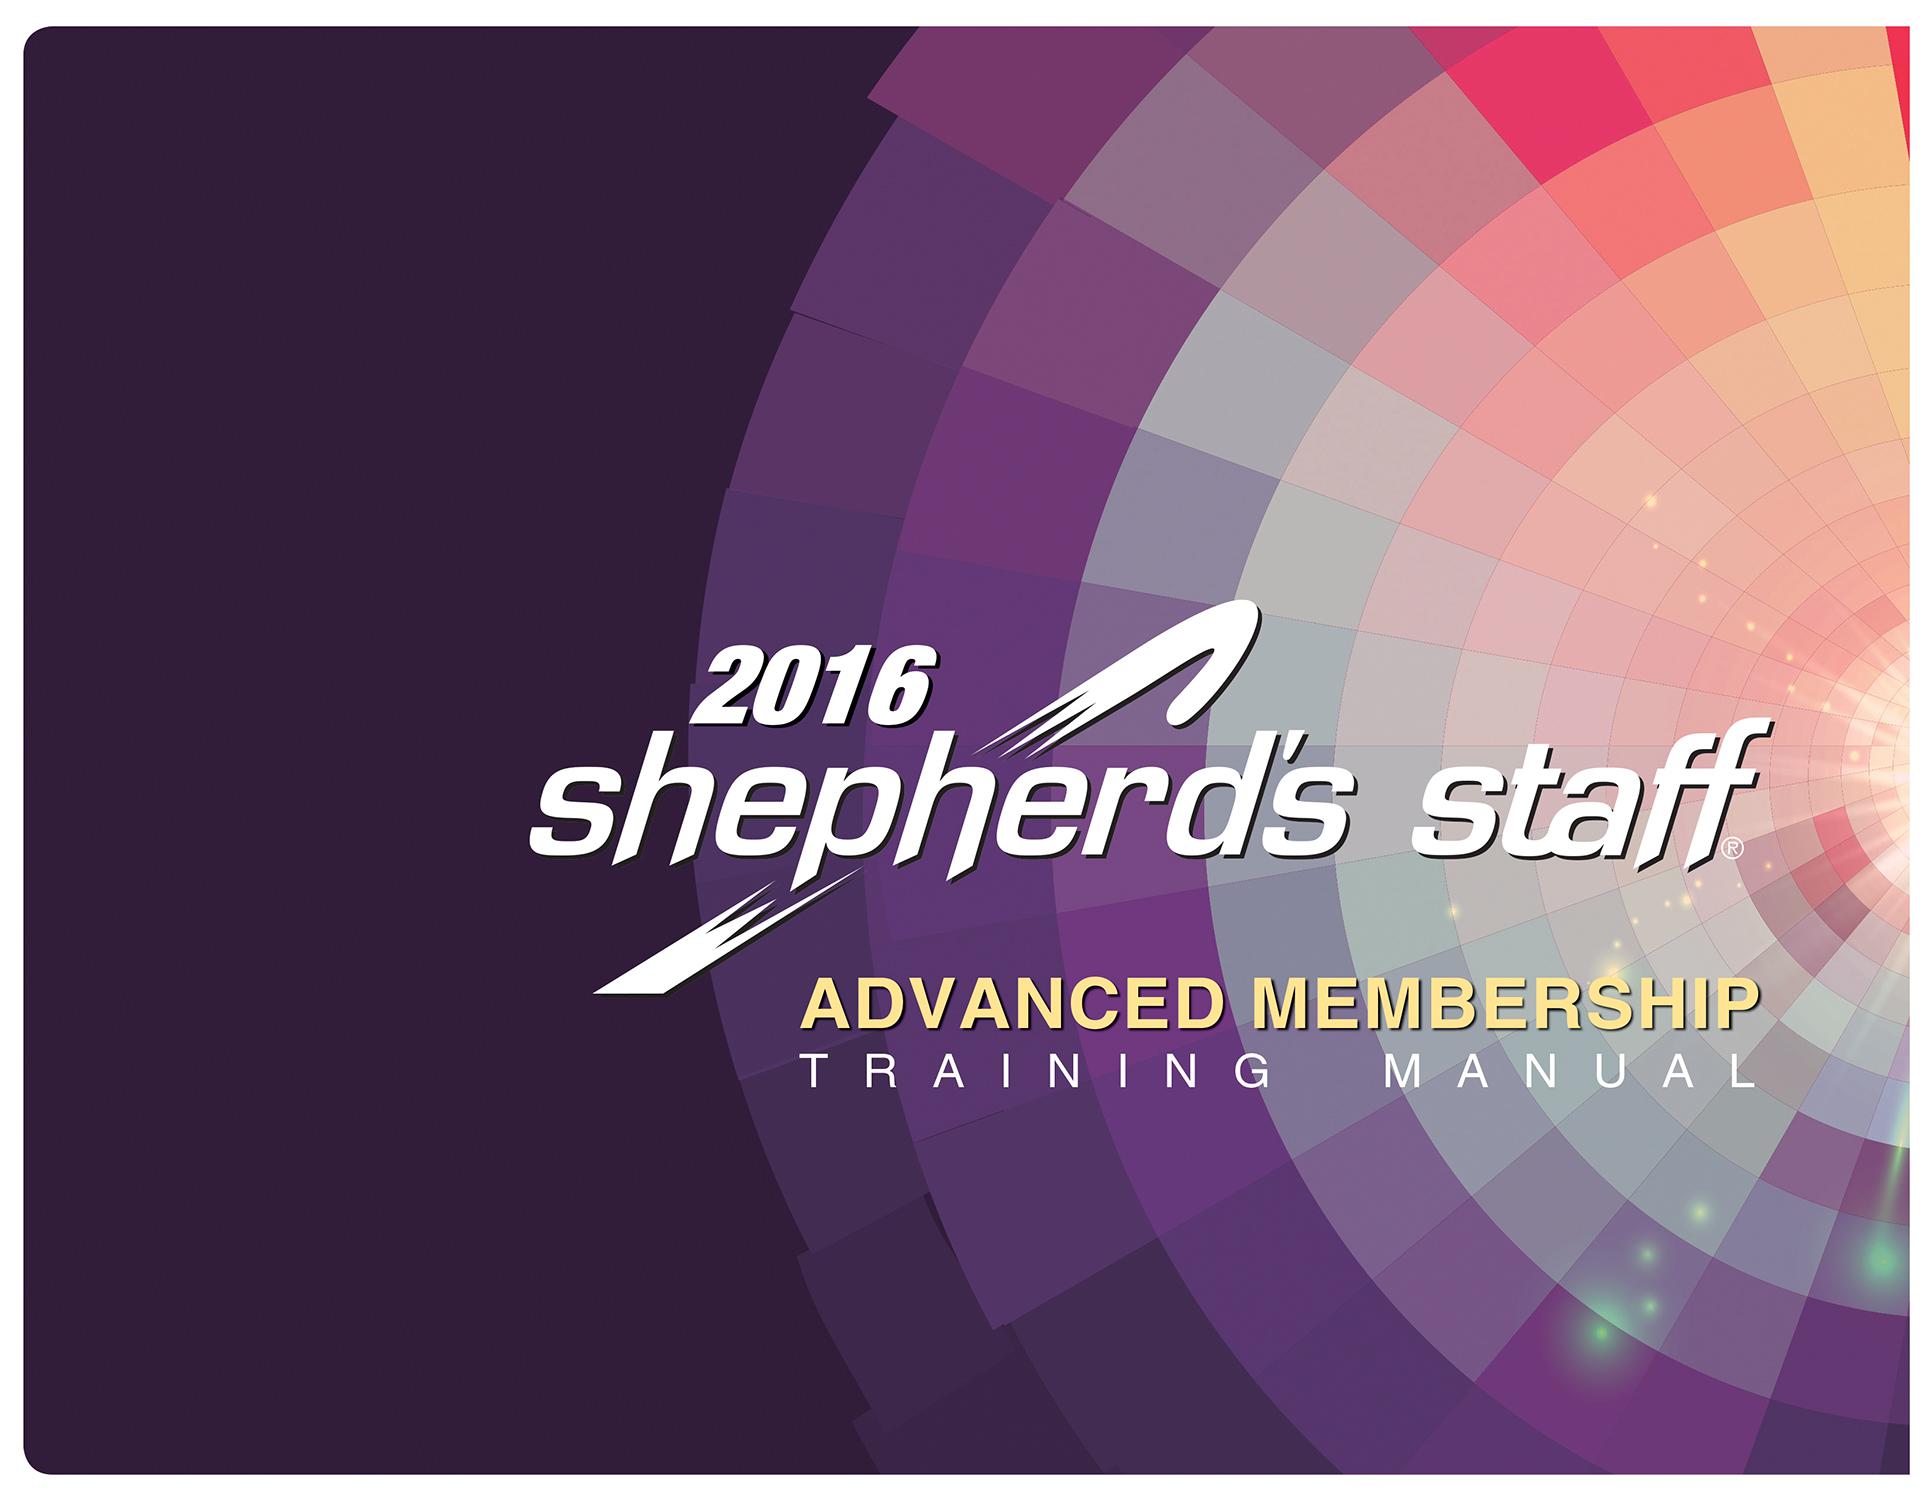 Advanced Membership Training Manual